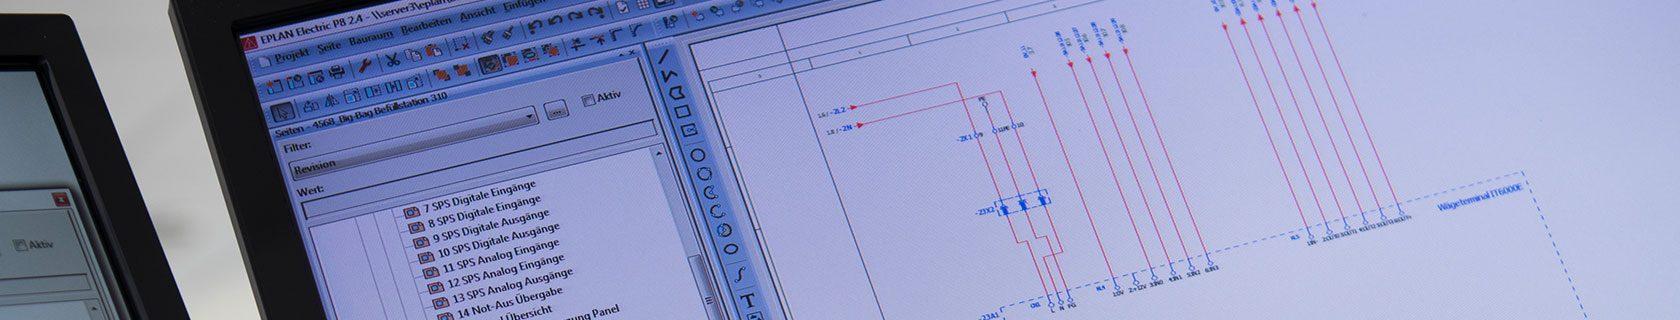 Wir bieten Jobs als Projektleiter / Programmierer im Schaltanlagenbau (m/w)